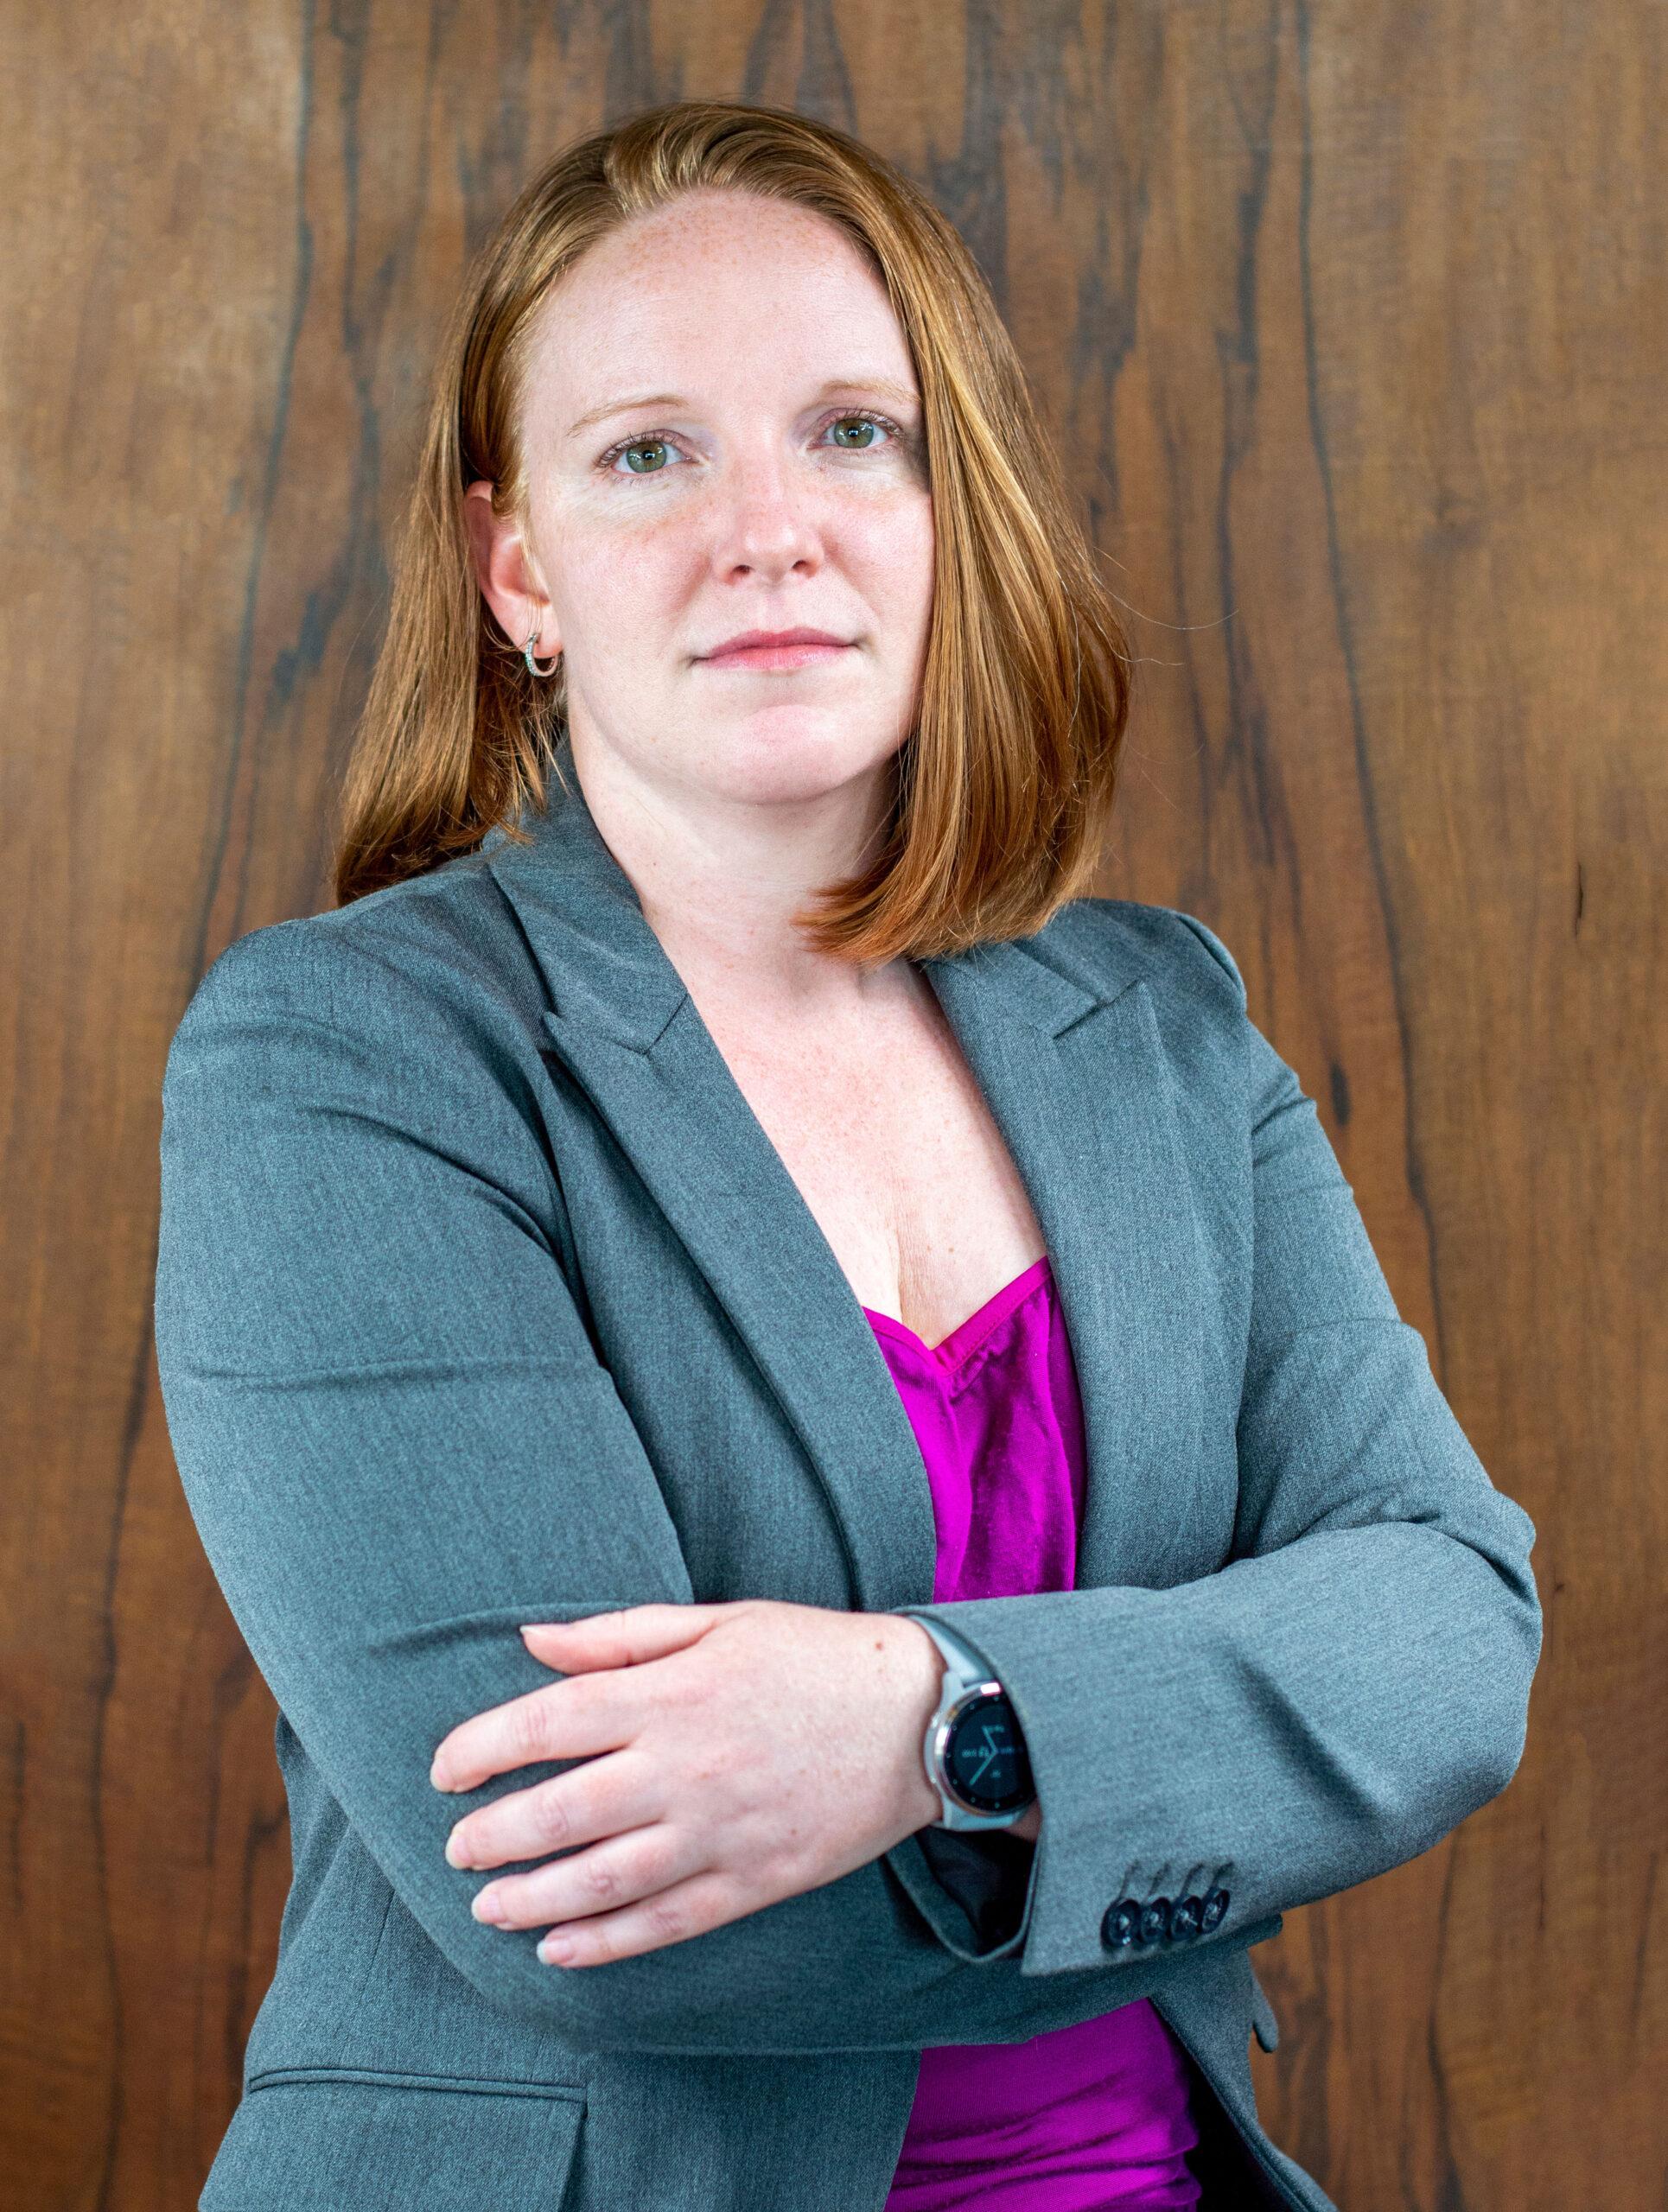 Nicole Risley